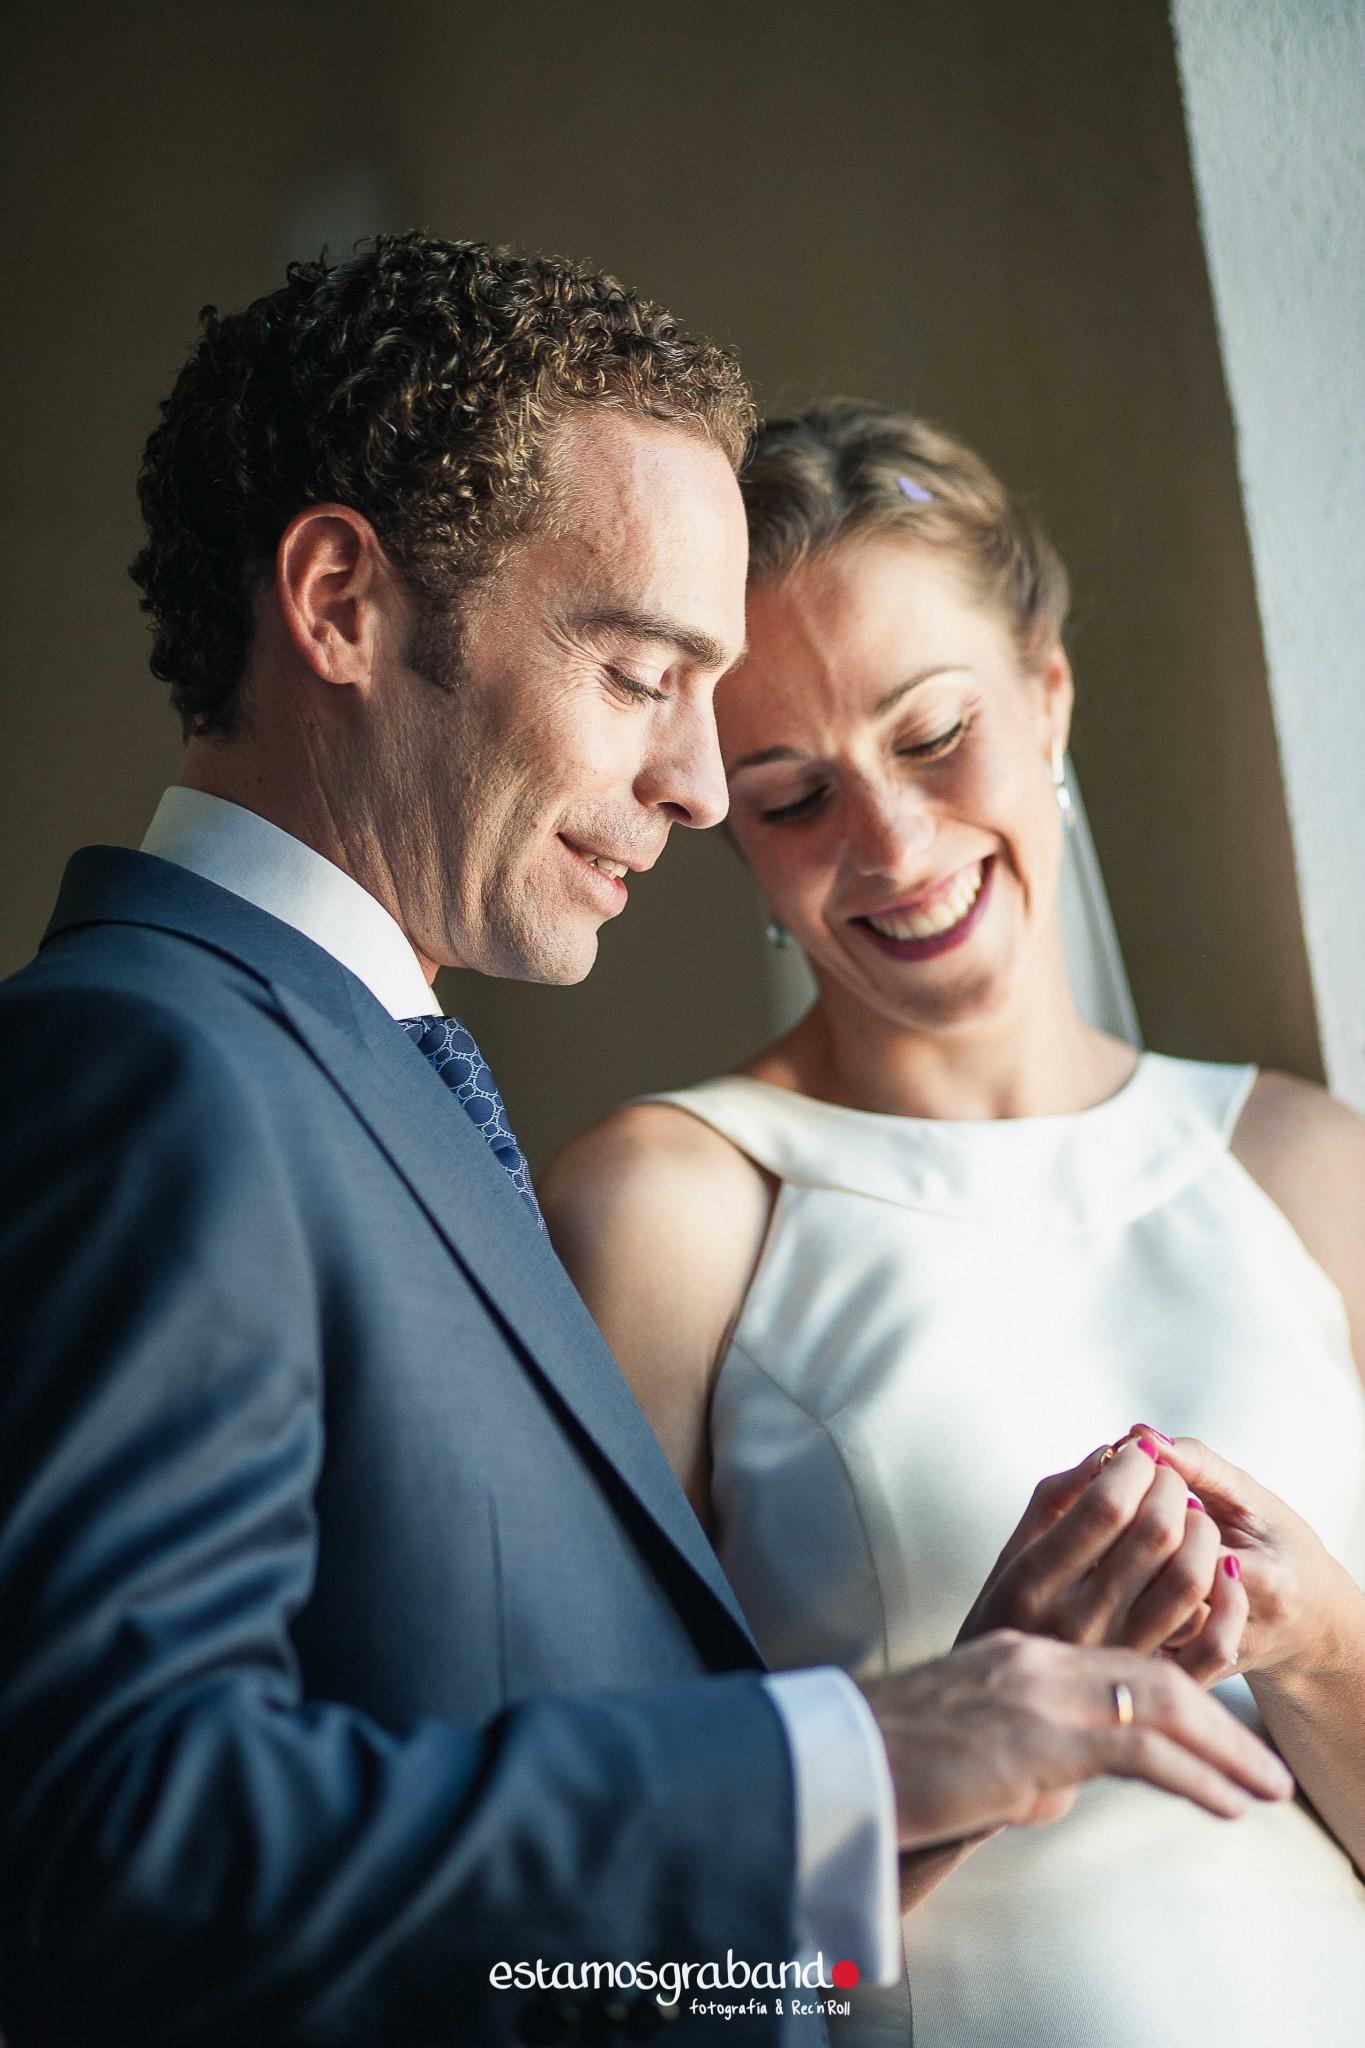 fotografo-de-bodas-jerez_mari-paz-jaime_bodegas-tradiciocc81n-38 32 escalones [Fotografía de bodas Jerez_Mari Paz & Jaime] - video boda cadiz